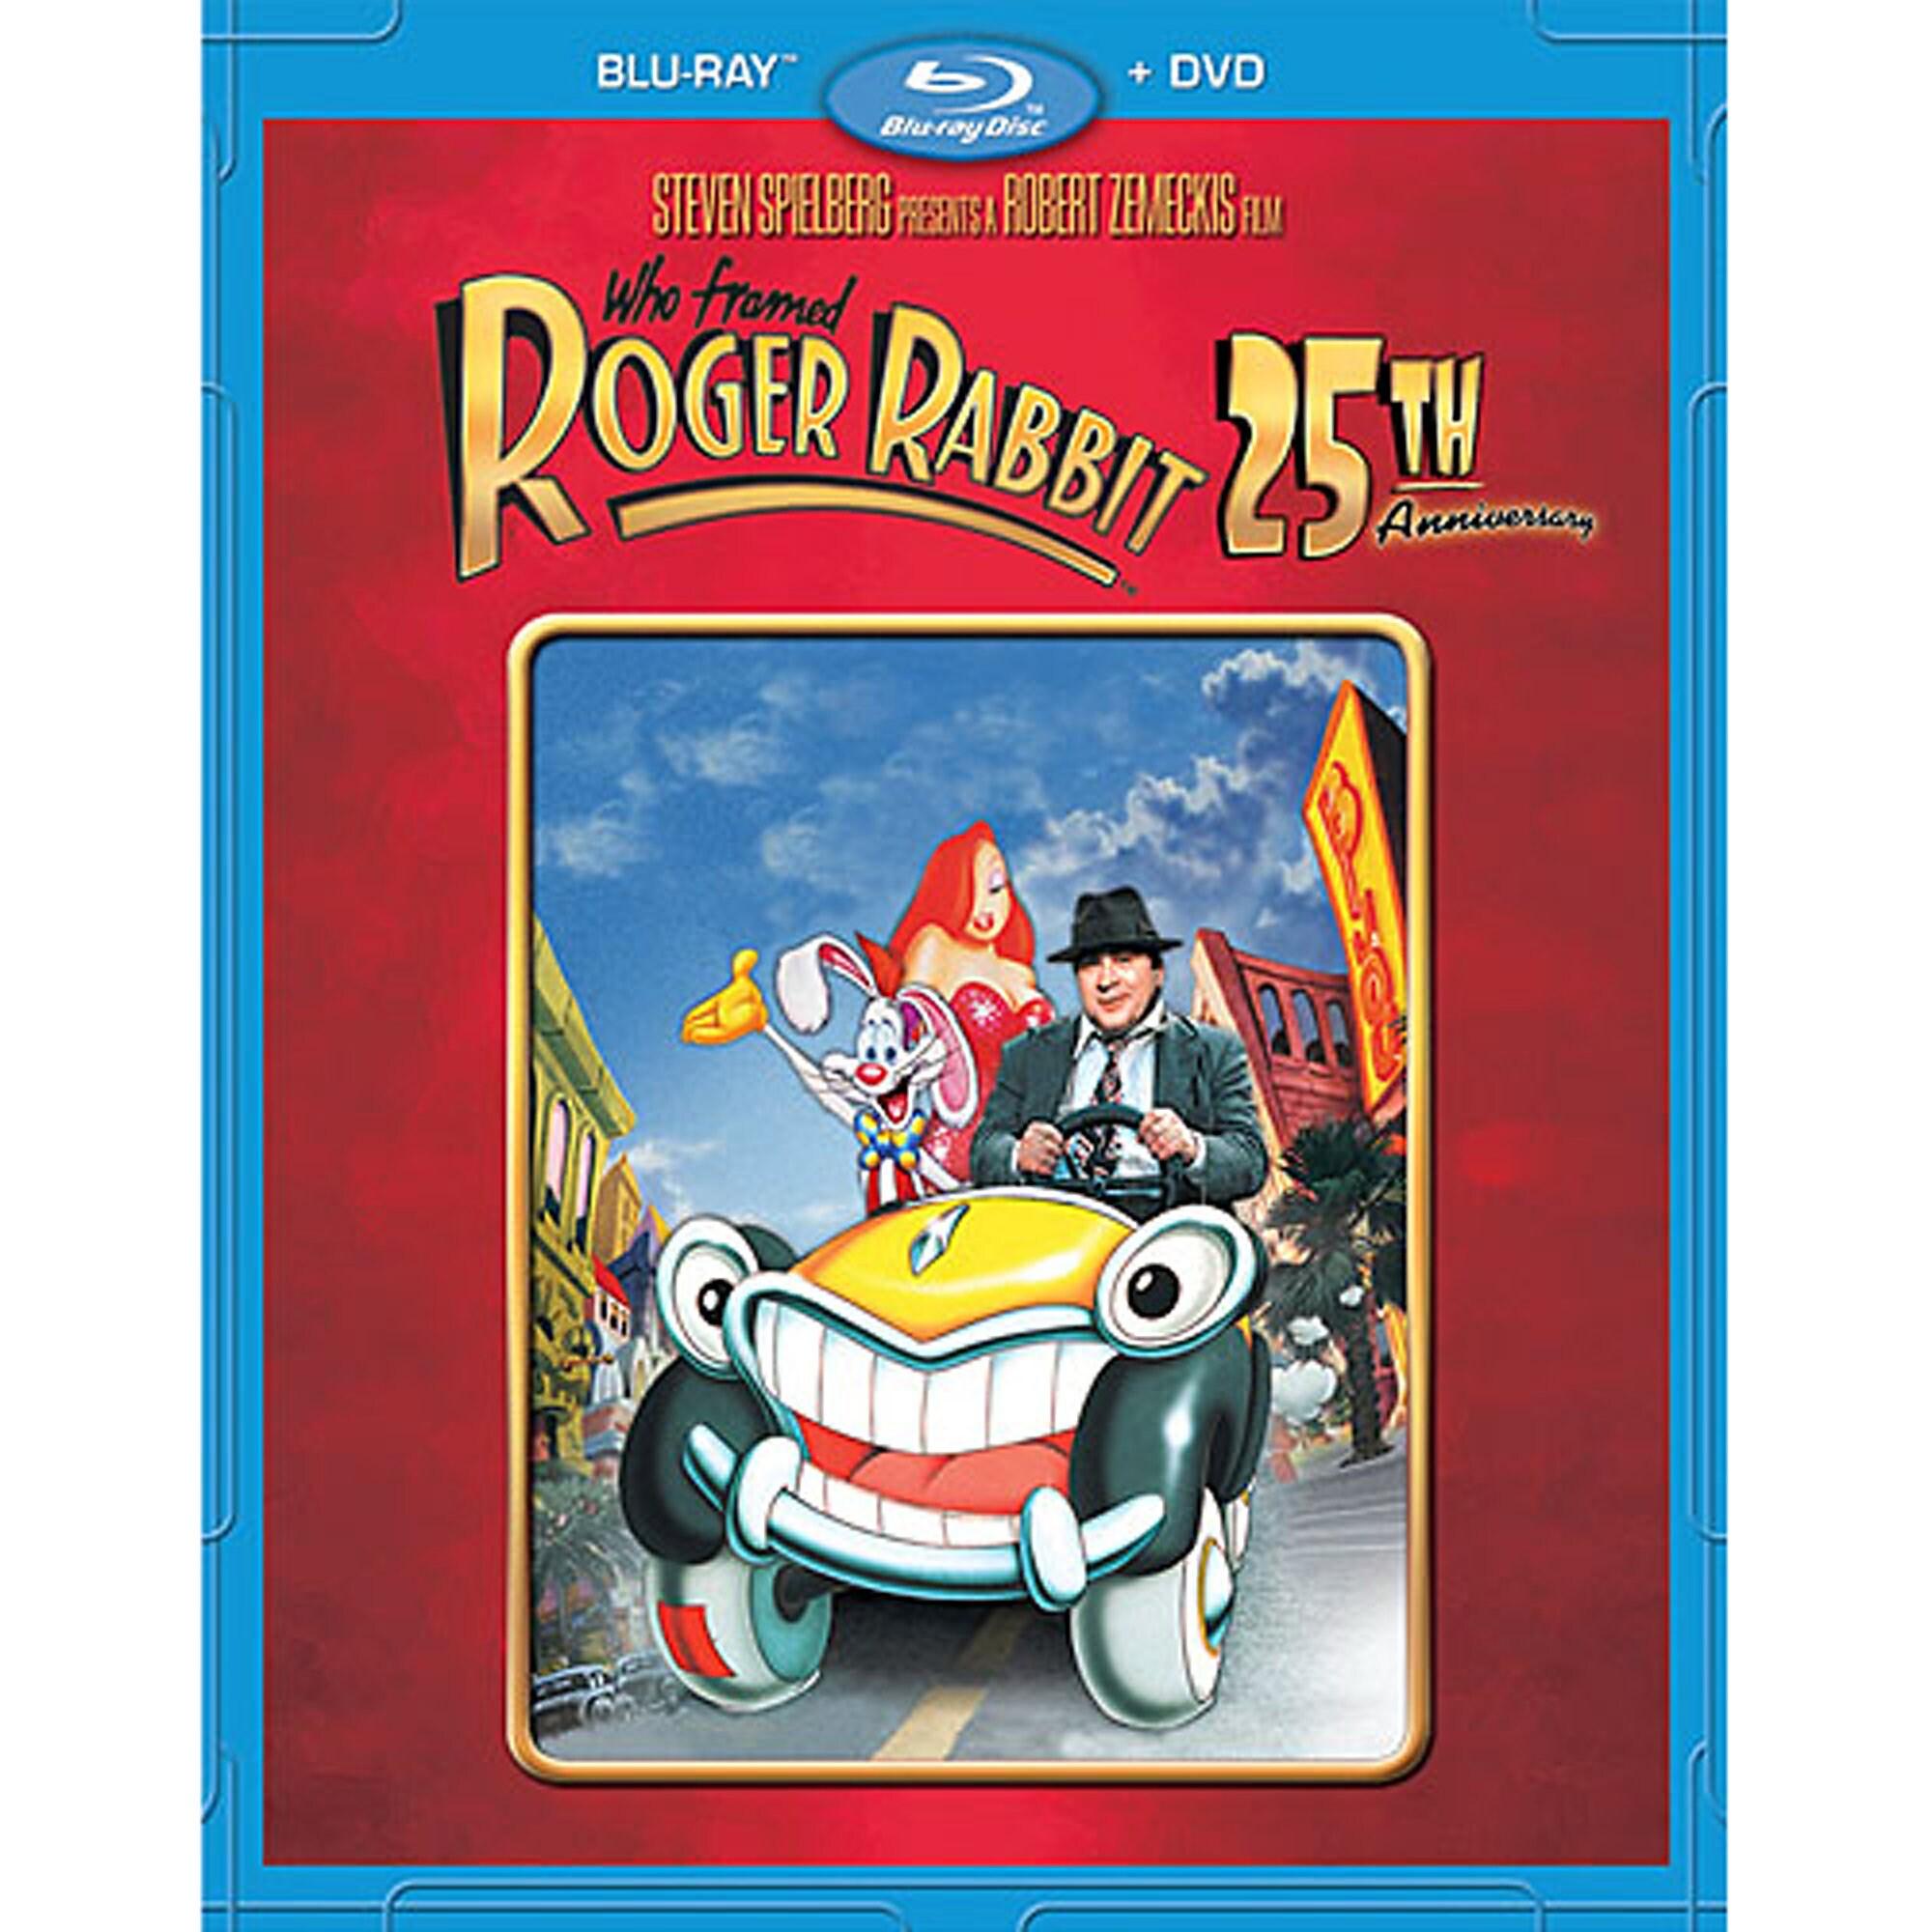 Who framed roger rabbit 1988 online dating